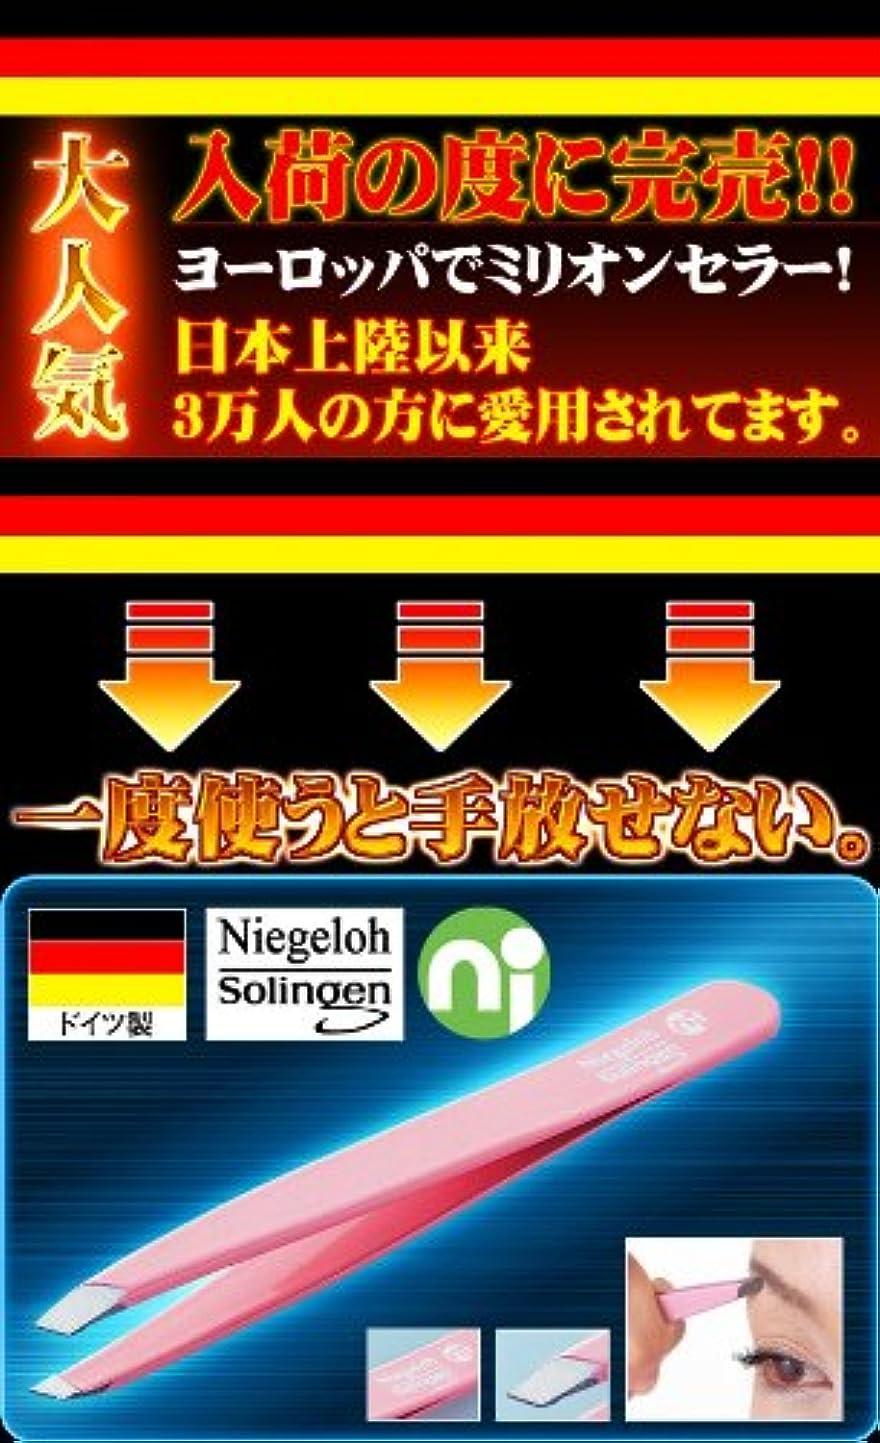 エンディング証明超えるドイツ ゾーリンゲンNiegeloh(ニゲロ社)のツイザー